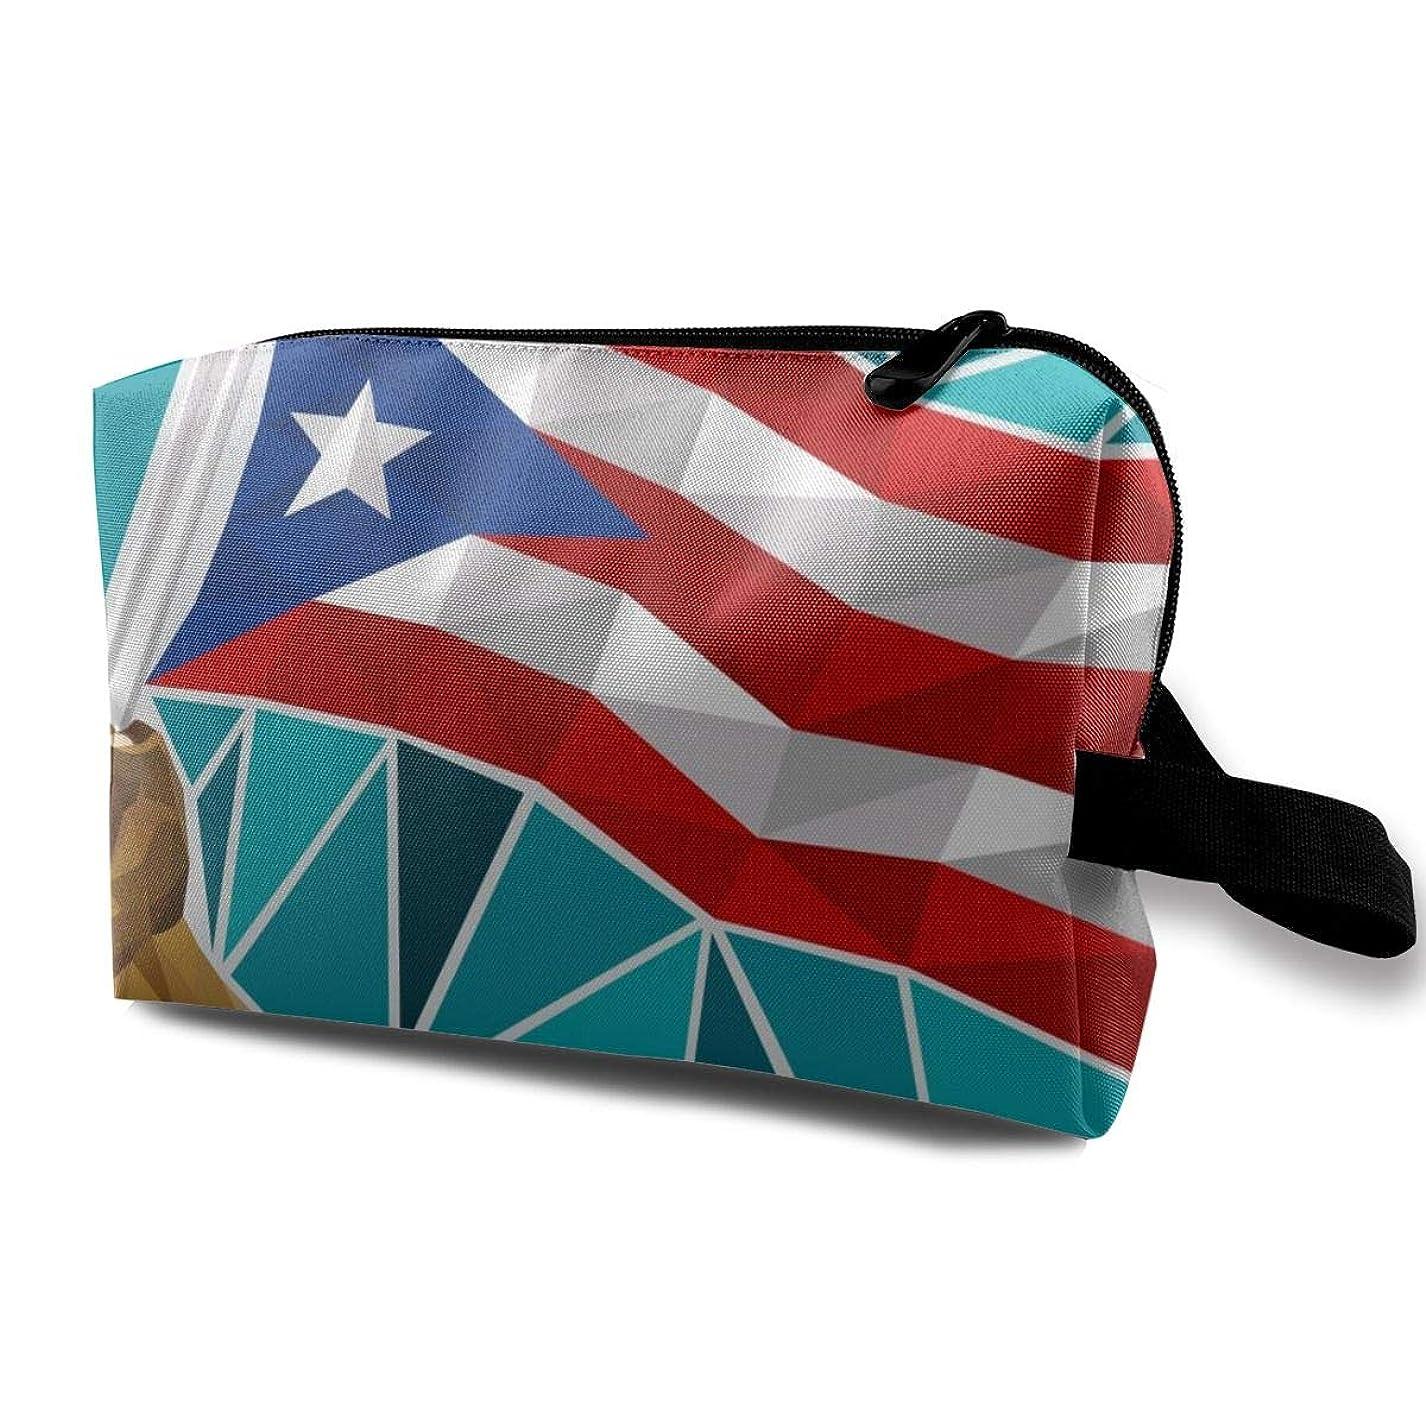 アノイ好色な傑出したMaxpowerful プエルトリコの旗 化粧ポーチ コスメポーチ 大容量 おしゃれ 化粧品収納 防水 機能的 メイクポーチ 旅行 仕切り 高級感 小物入れ